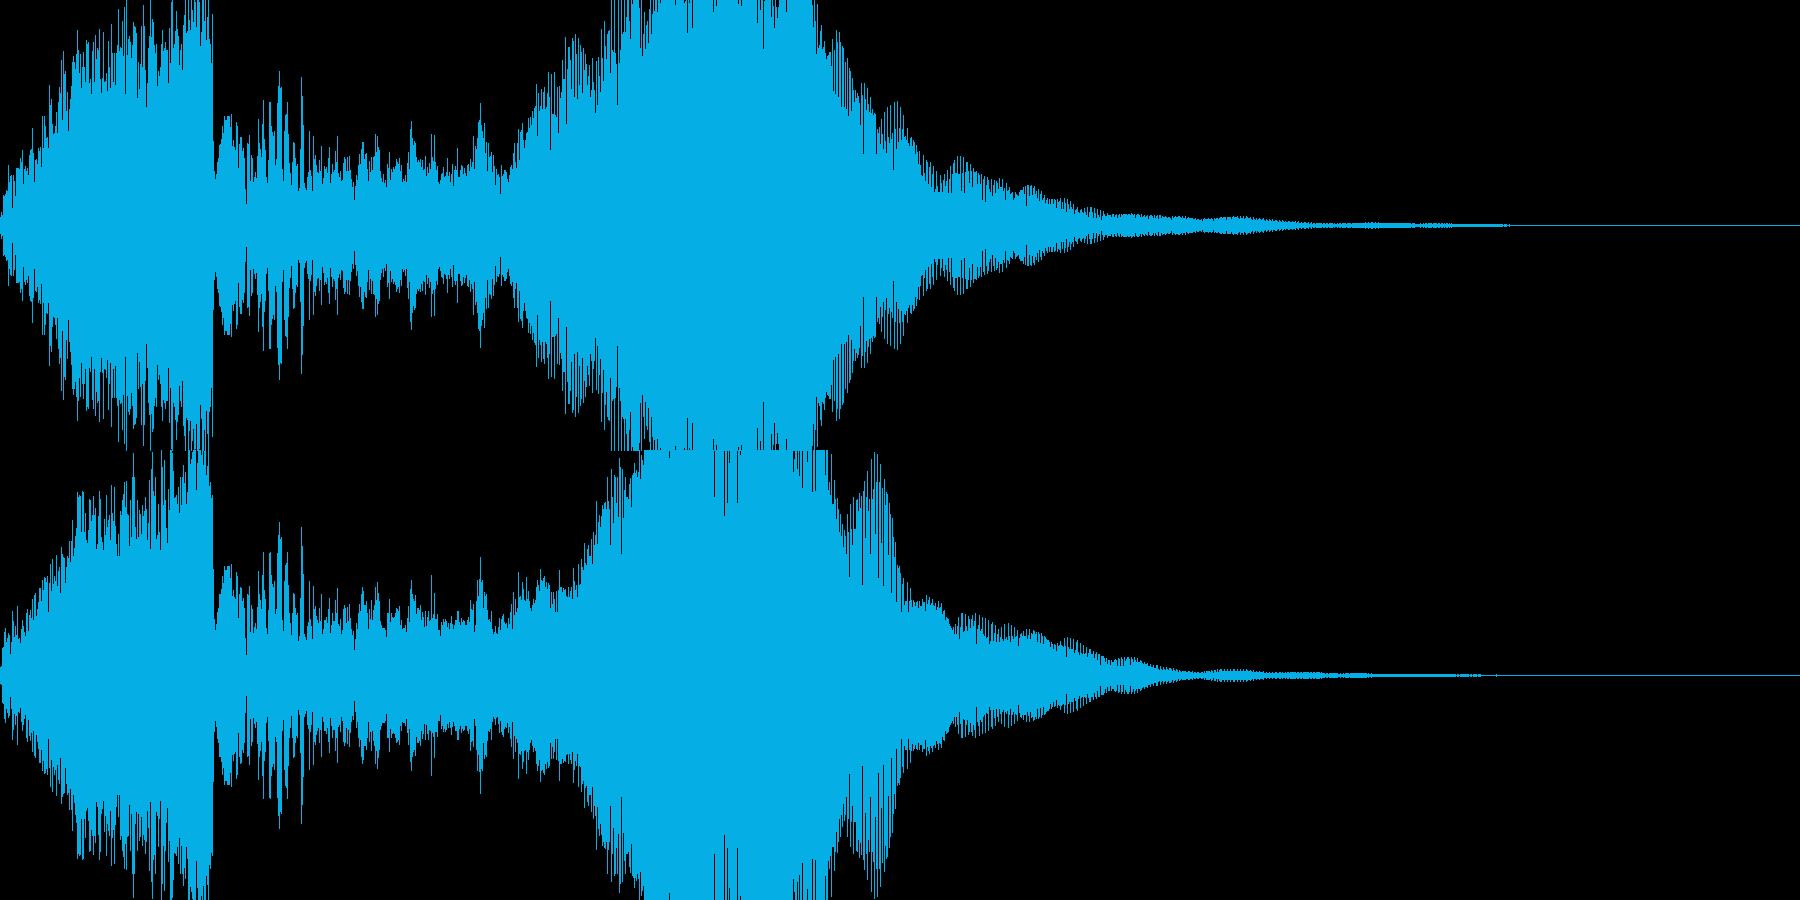 シュイーン・・・キラキラーンの再生済みの波形